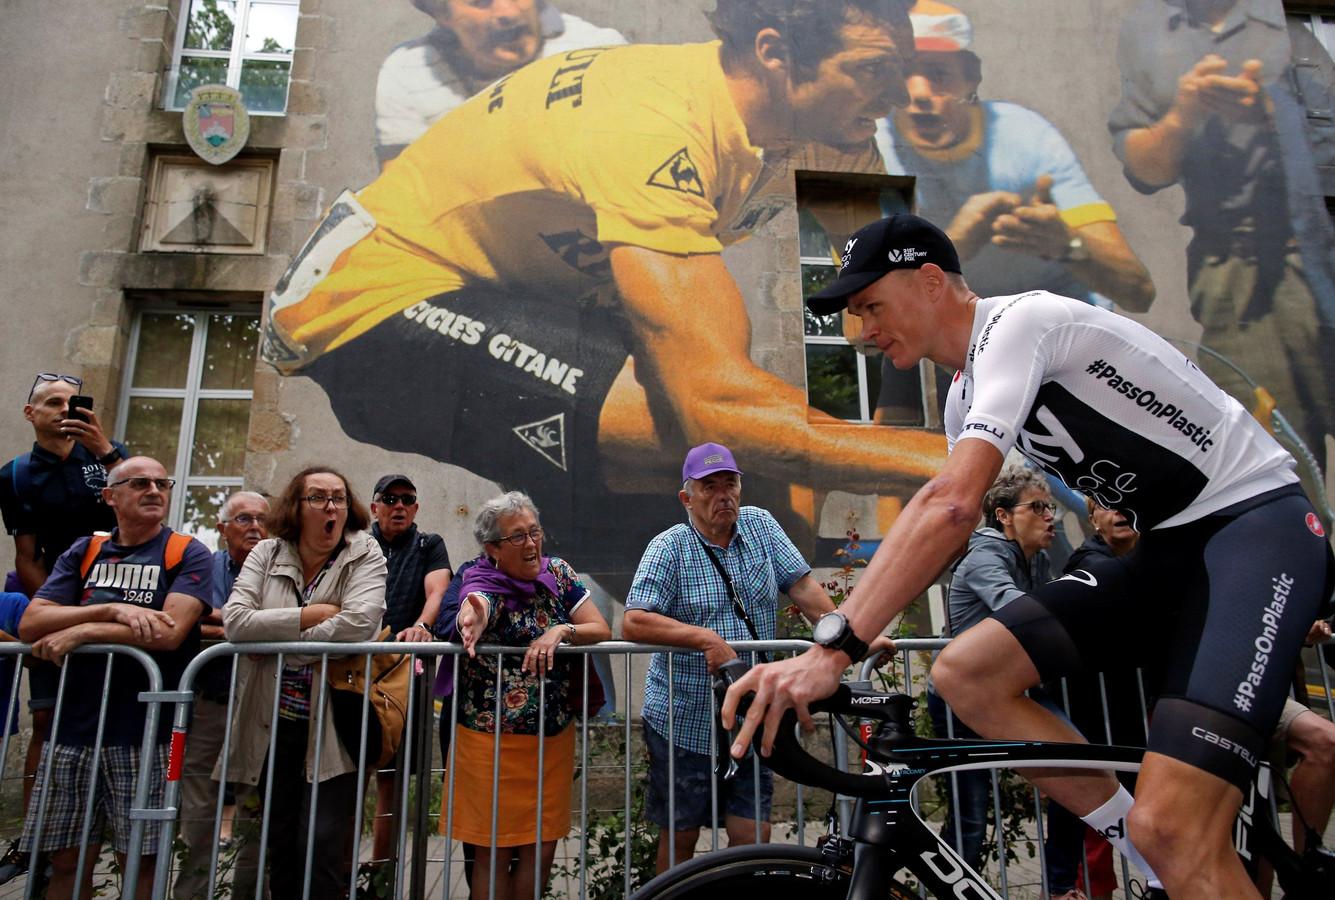 Chris Froome tijdens de Tourpresentatie in 2018, met op de achtergrond een muurtekening van Hinault.